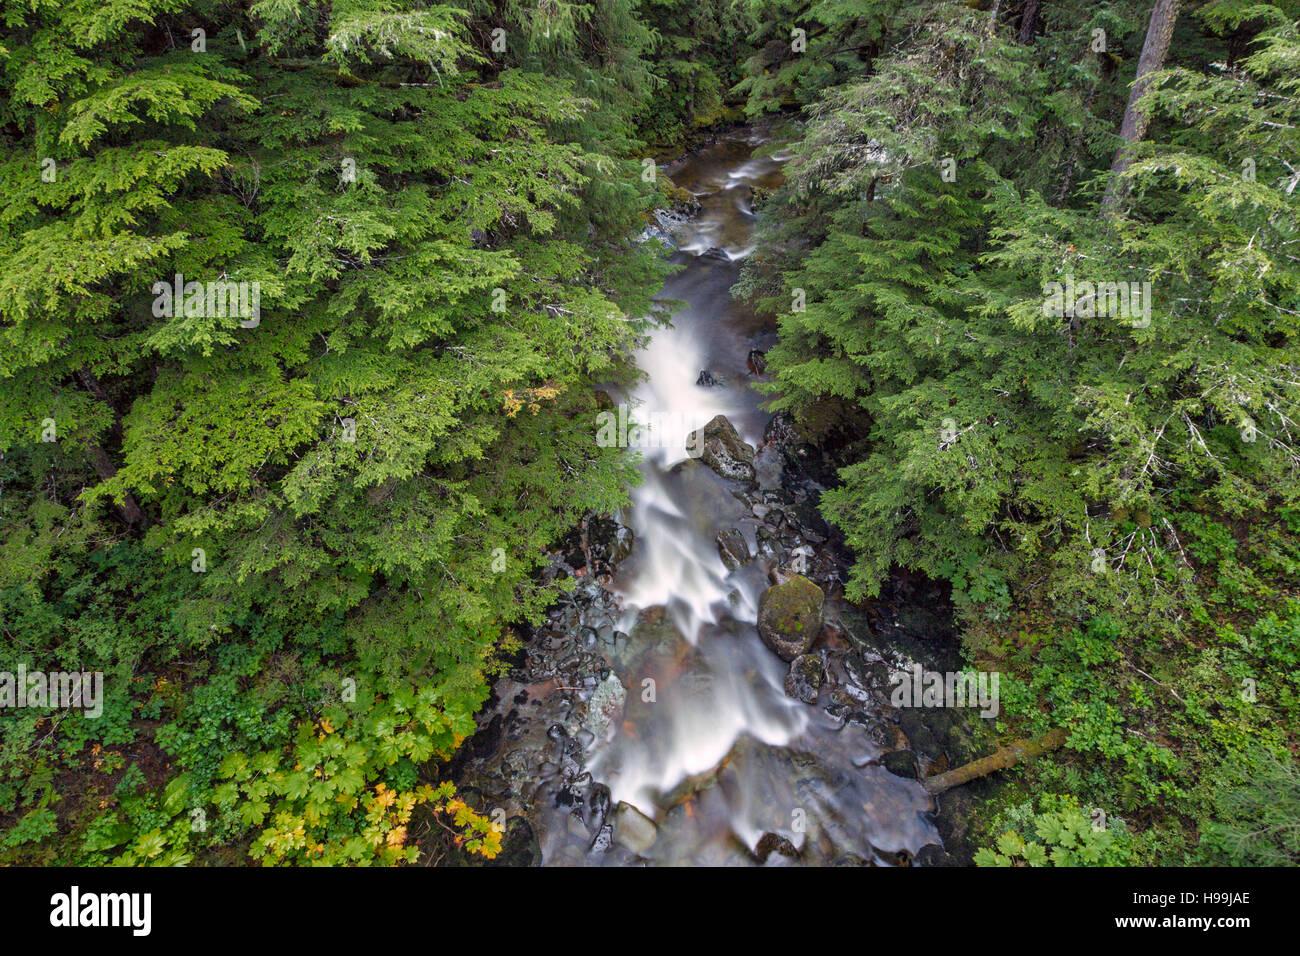 Une rivière de la forêt tropicale côtière tempérée, la Forêt Nationale Tongass, Photo Stock